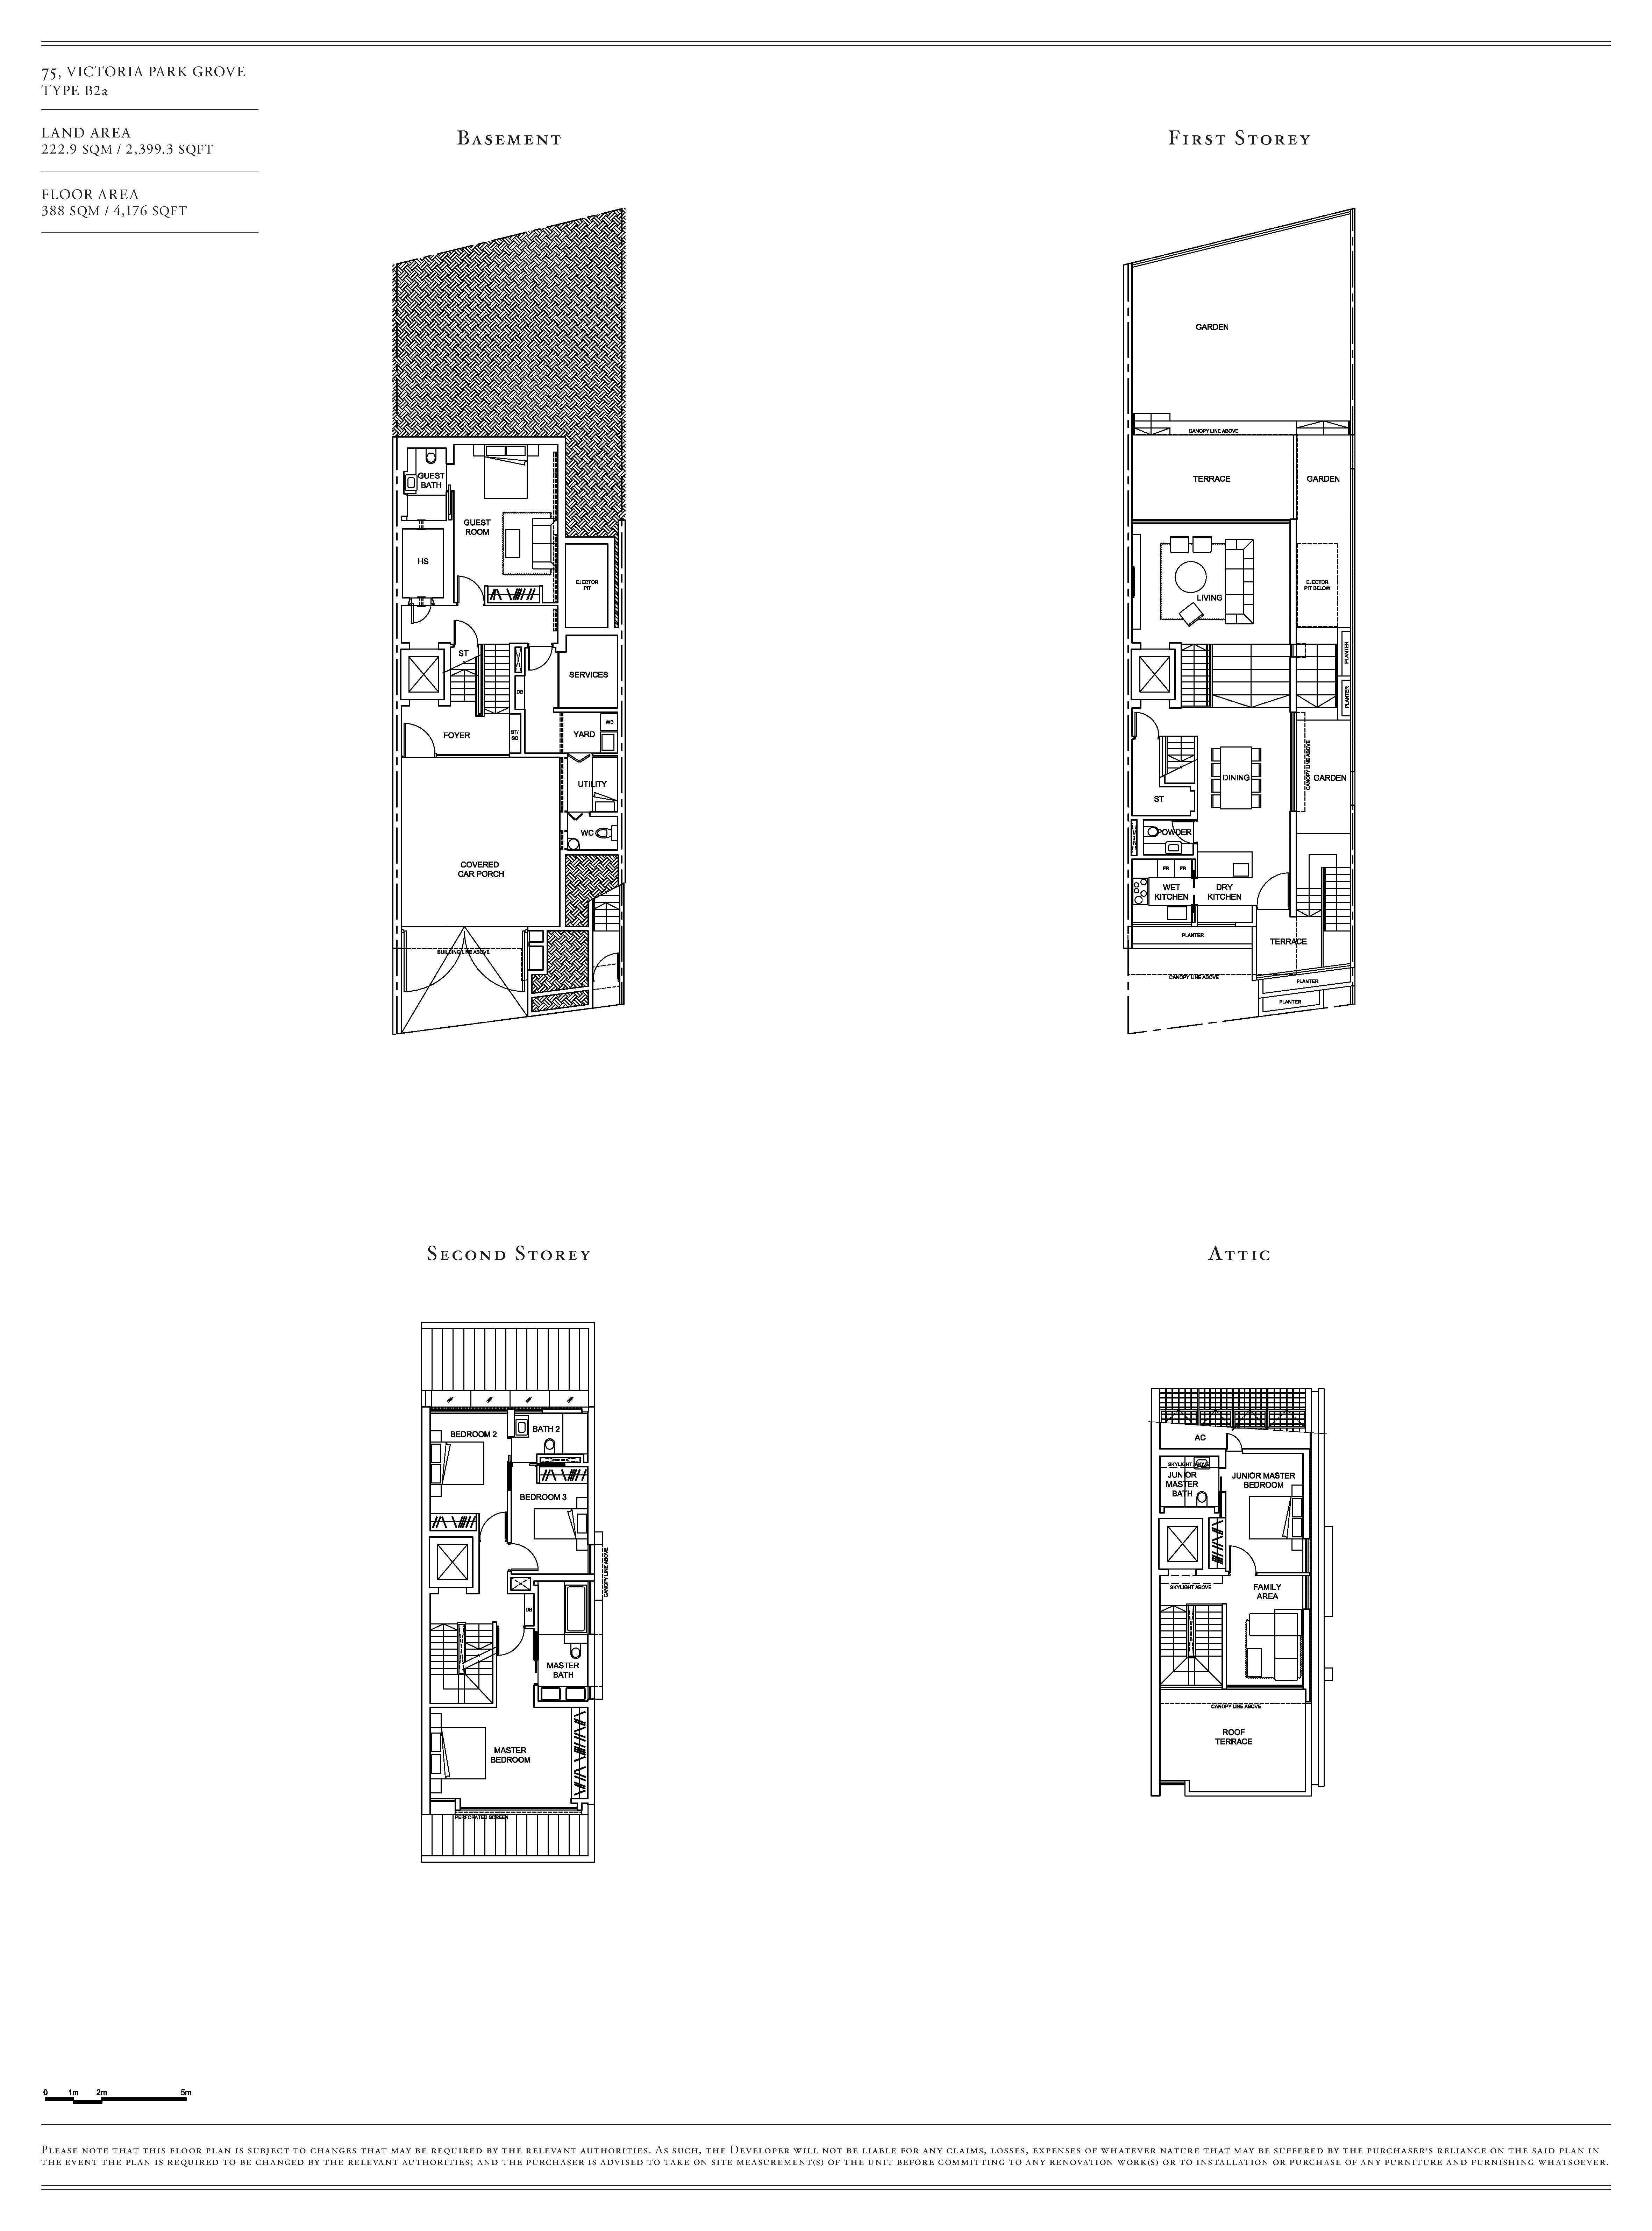 Victoria Park Villas House 75 Type B2a Floor Plans